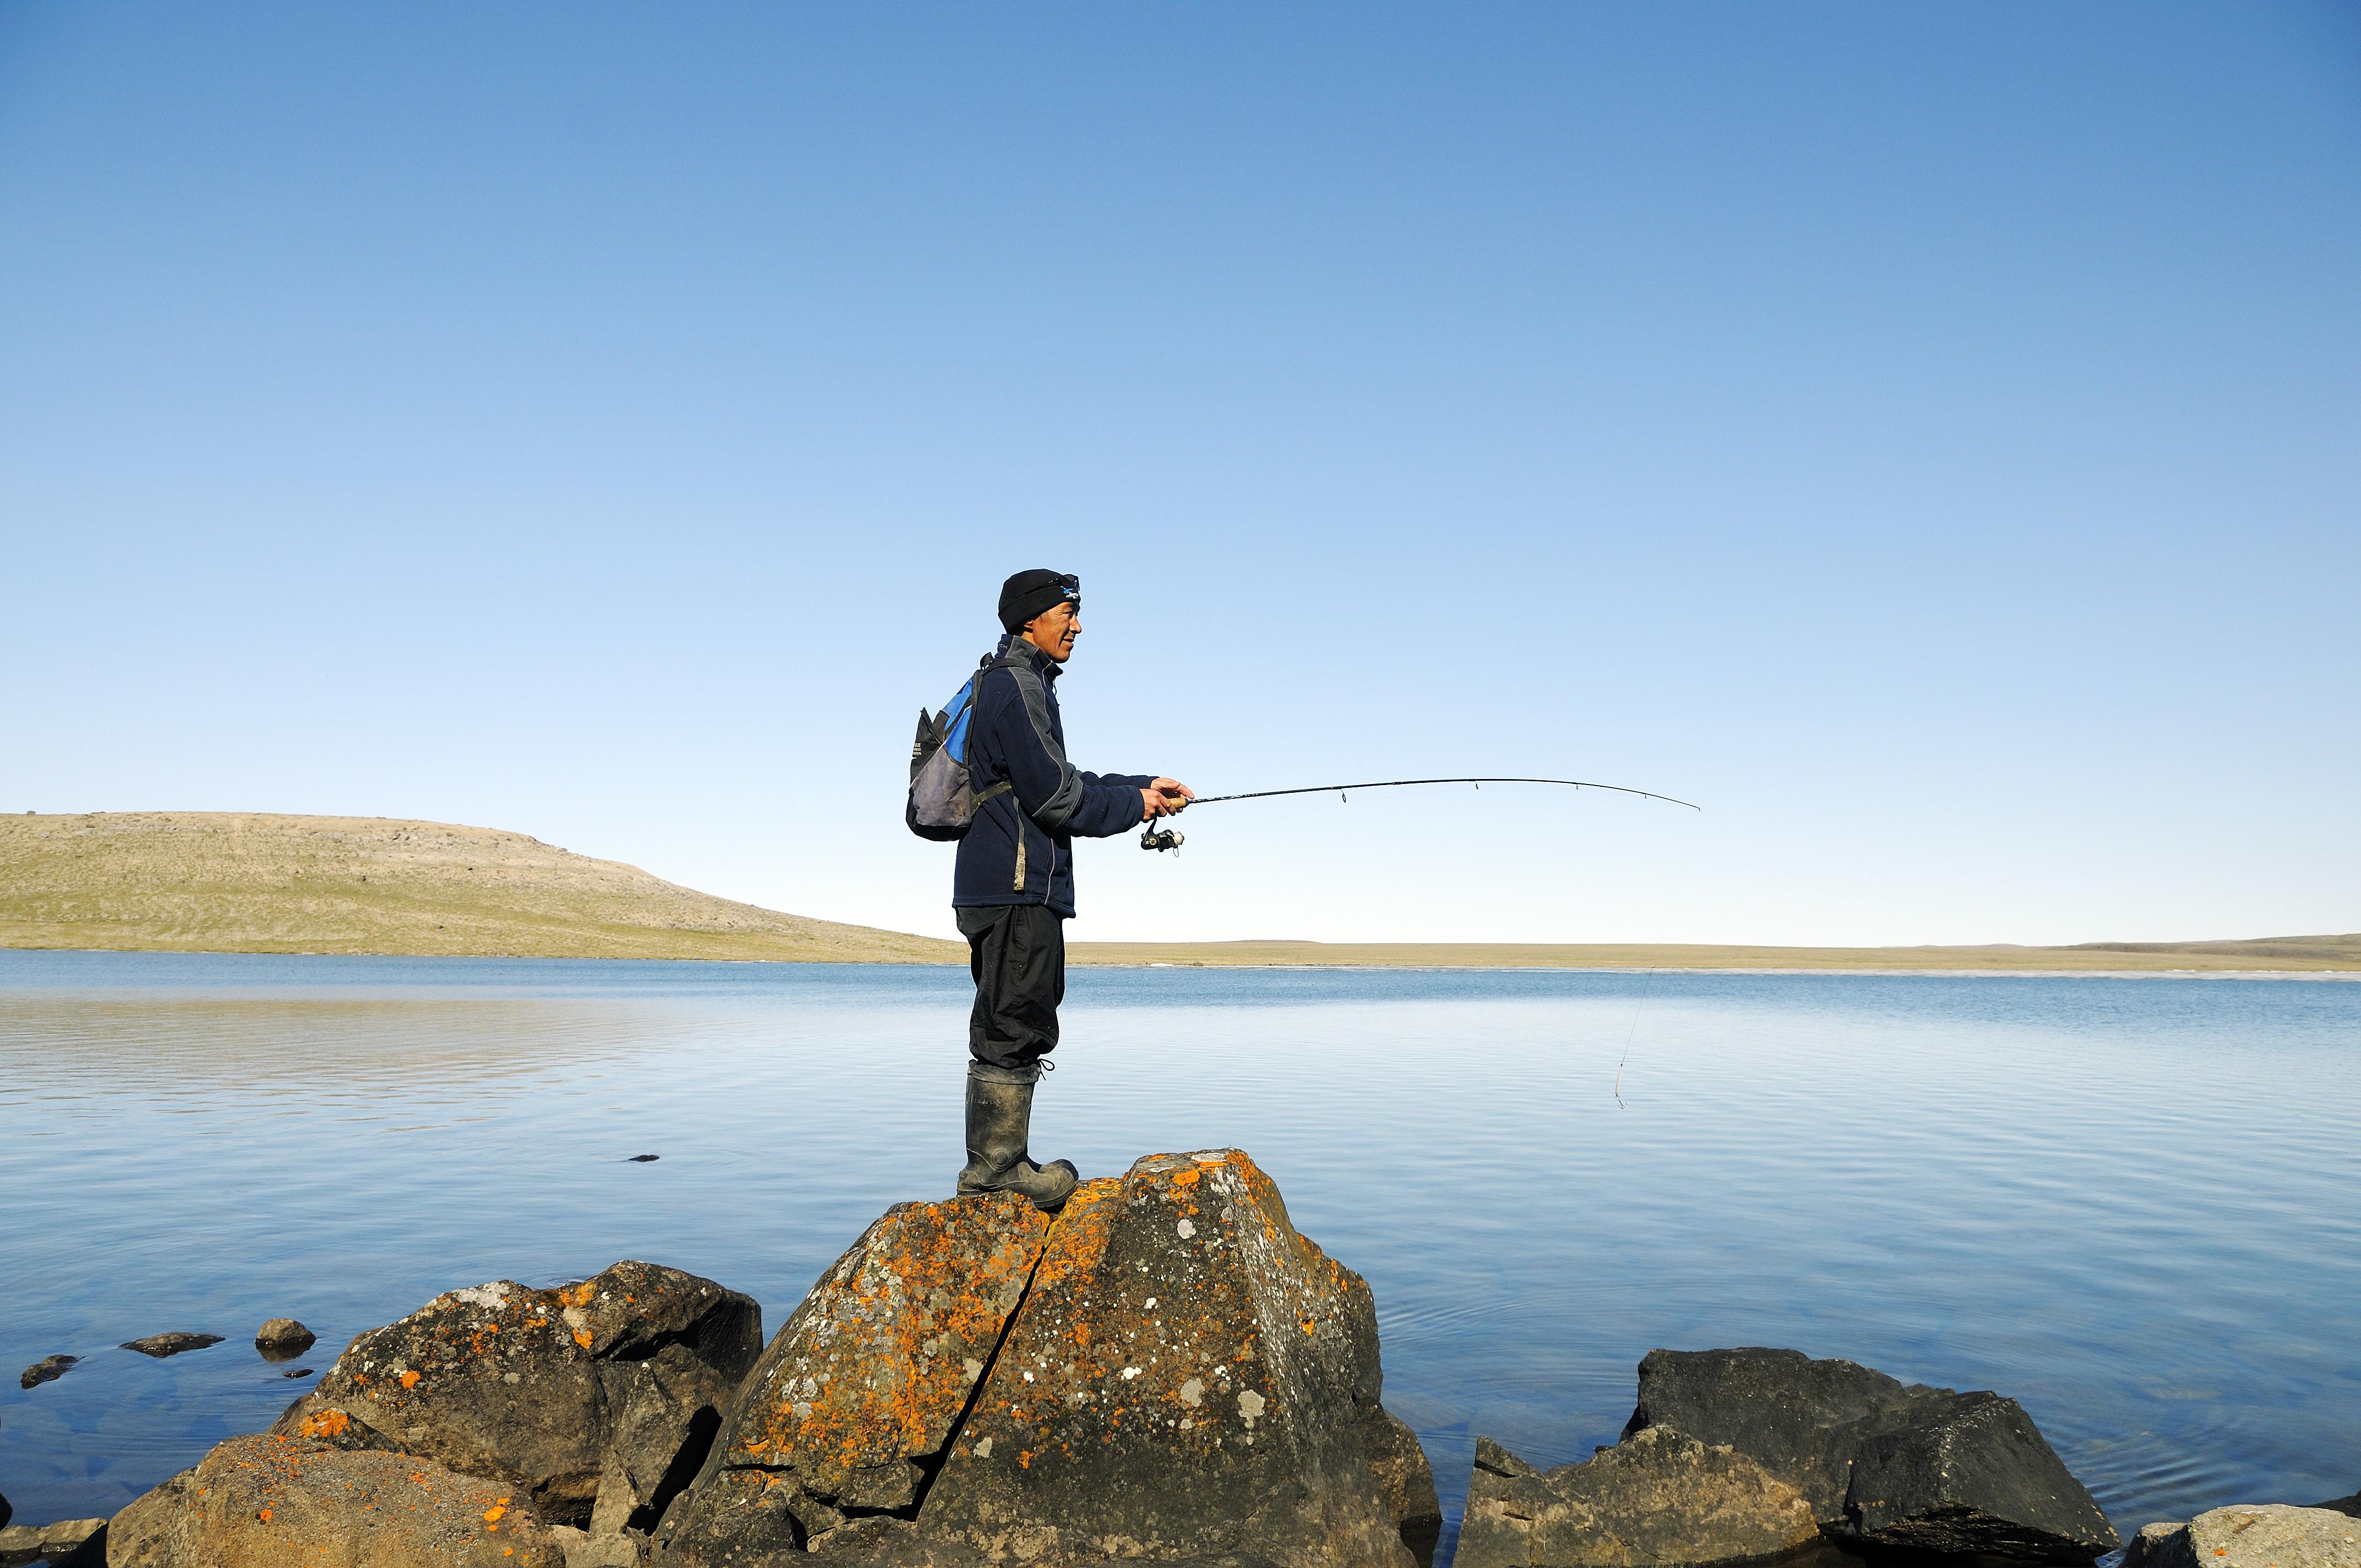 Mann vom Volk der Inuit angelt in einem See, Victoria Island (vorher Holman Island), Dorf Ulukhaktok, Northwest Territories, Kanada, Amerika